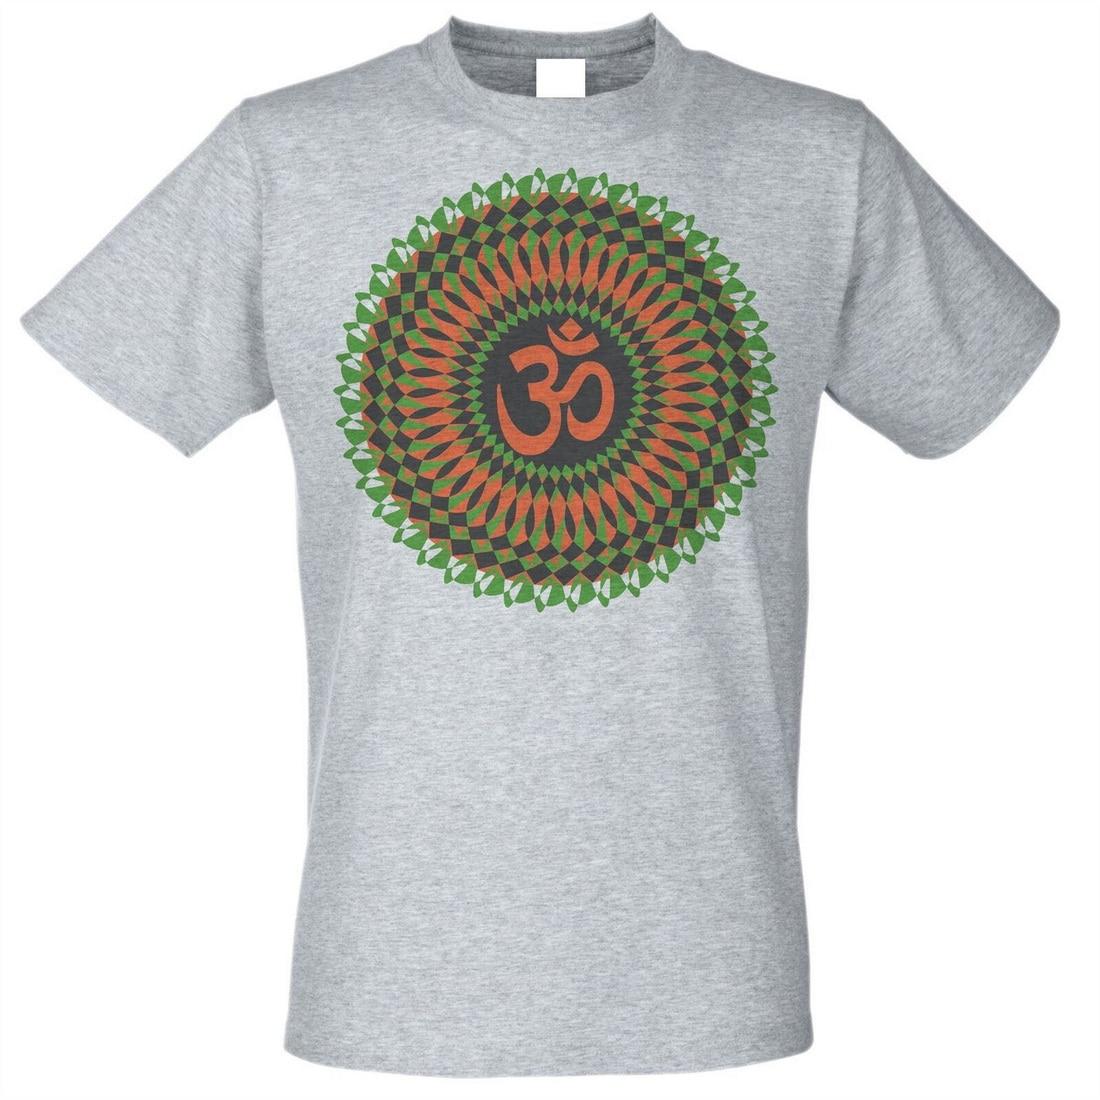 GANESH T-SHIRT//india//shiva//ibiza//psy trance//electro//house//disco//dj//goa//hippy//dub